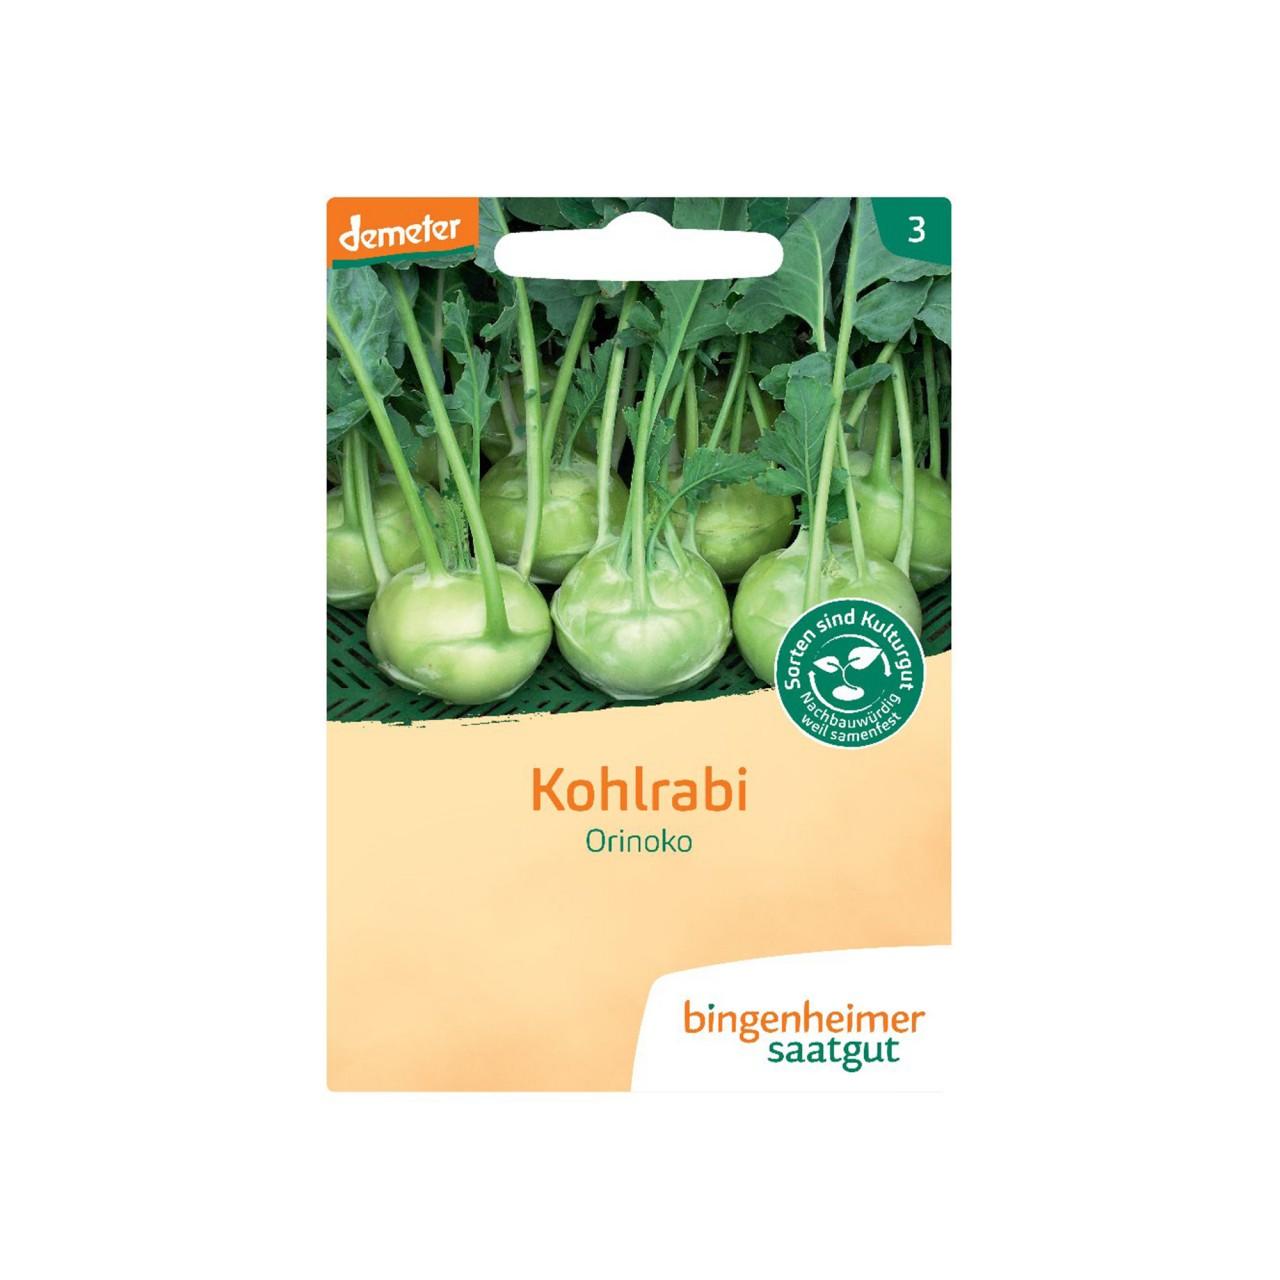 Bingenheimer Saatgut Kohlrabi Bio-Samen